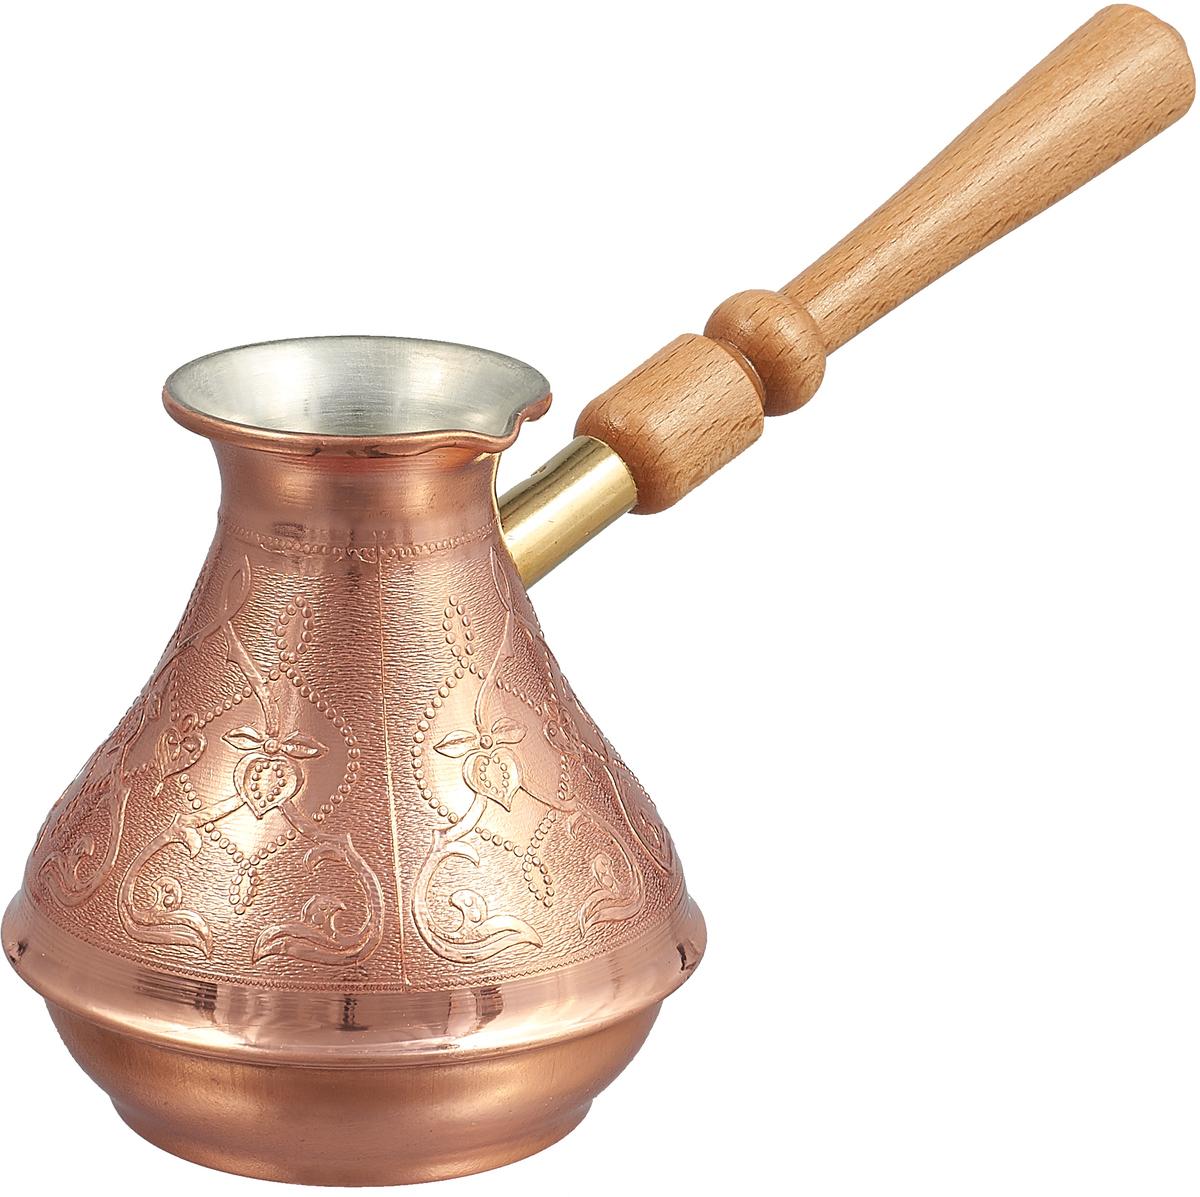 """Кофеварка ТimА """"Восточная красавица"""" изготовлена по уникальной технологии из листовой меди марки М1М, толщиной 0,8 мм. В отличие от других производителей,при производстве кофеварки """"Восточная красавица"""" не применяется припой, т.е. корпуса этих турок соединяются с донышком методом """"холодной"""" закатки. Таким образом,при использовании кофеварки ТimА исключается вероятность контакта содержимого турки со свинцовым припоем.Медь, по утверждению ученых, самый подходящий для приготовления пищи металл на планете Земля, но окись меди вредна для здоровья человека. Поэтому внутренняя поверхность кофеварки покрыта пищевым оловом толщиной 9-12 мкм. Внешняя поверхность кофеварки имеет натуральный цвет и блеск меди и защищена слоем жаропрочного лака. Кофеварка оснащена удобным носиком и деревянной ручкой. Подходит для газовых, электрических, стеклокерамических плит. Не рекомендуется мыть в посудомоечной машине."""